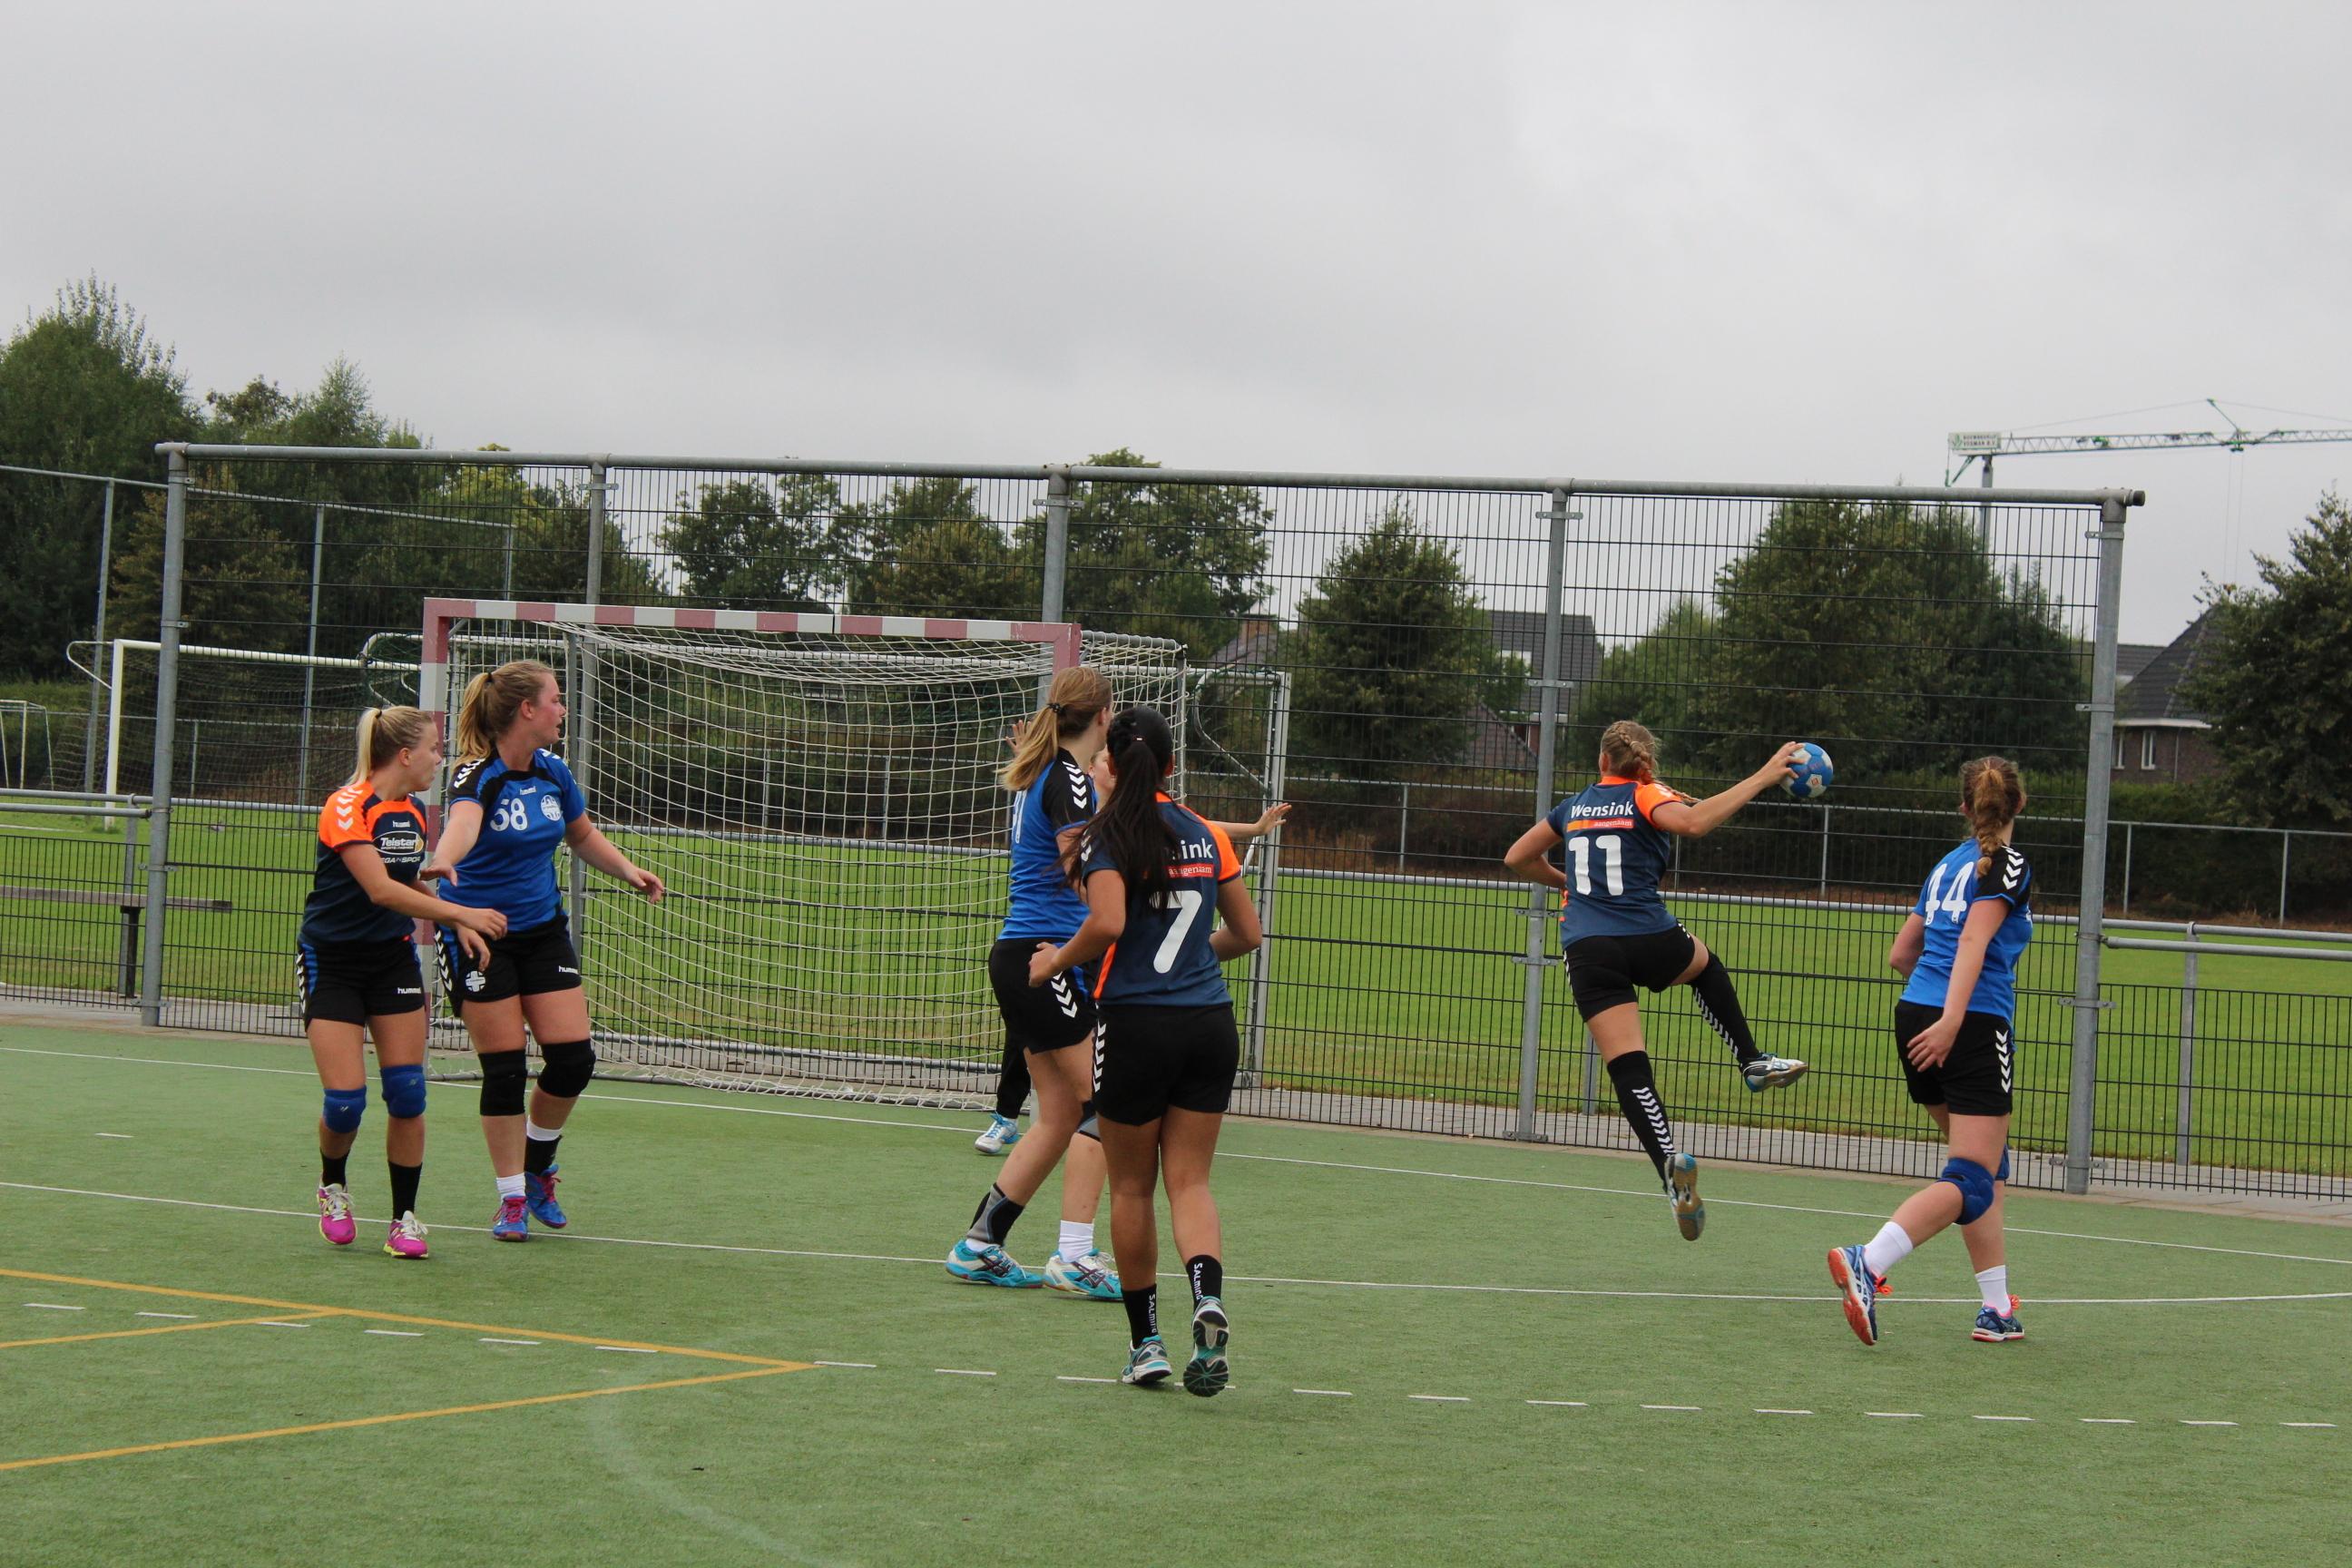 Onze A1 dames  gingen als een speer in hun eerste Travelbags HV Zwolle veldwedstrijd